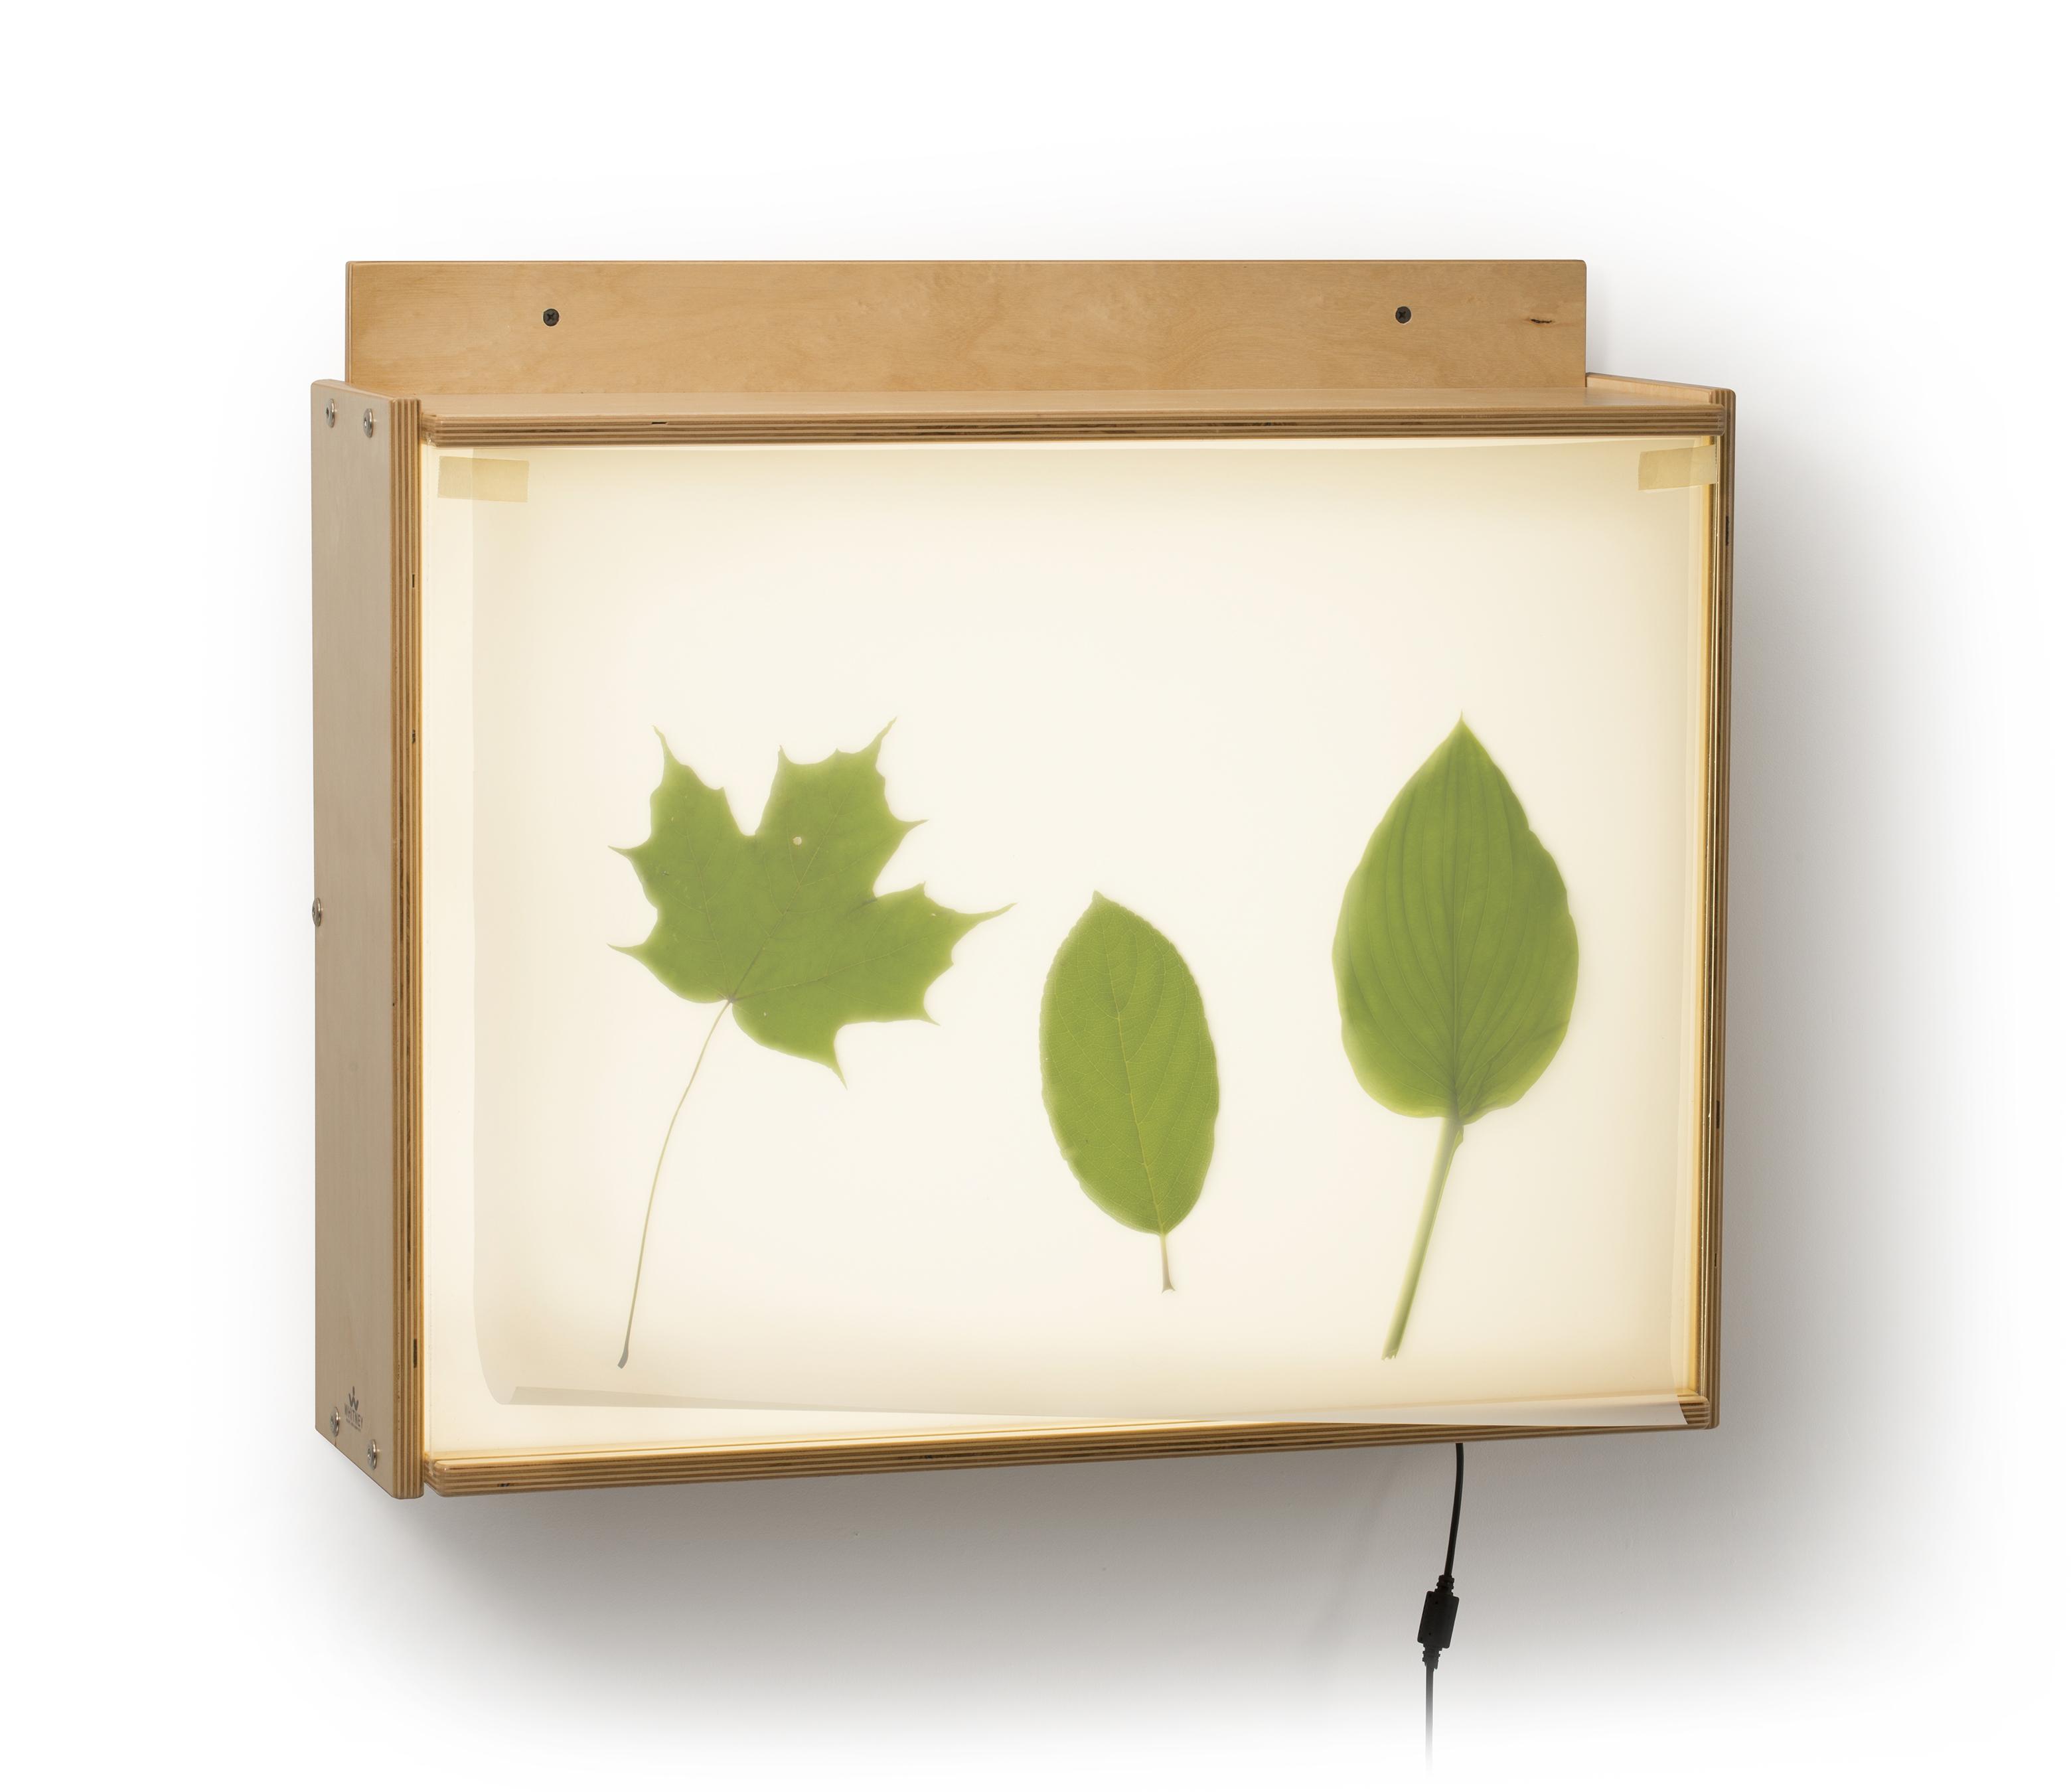 wall mounted light box photo - 1